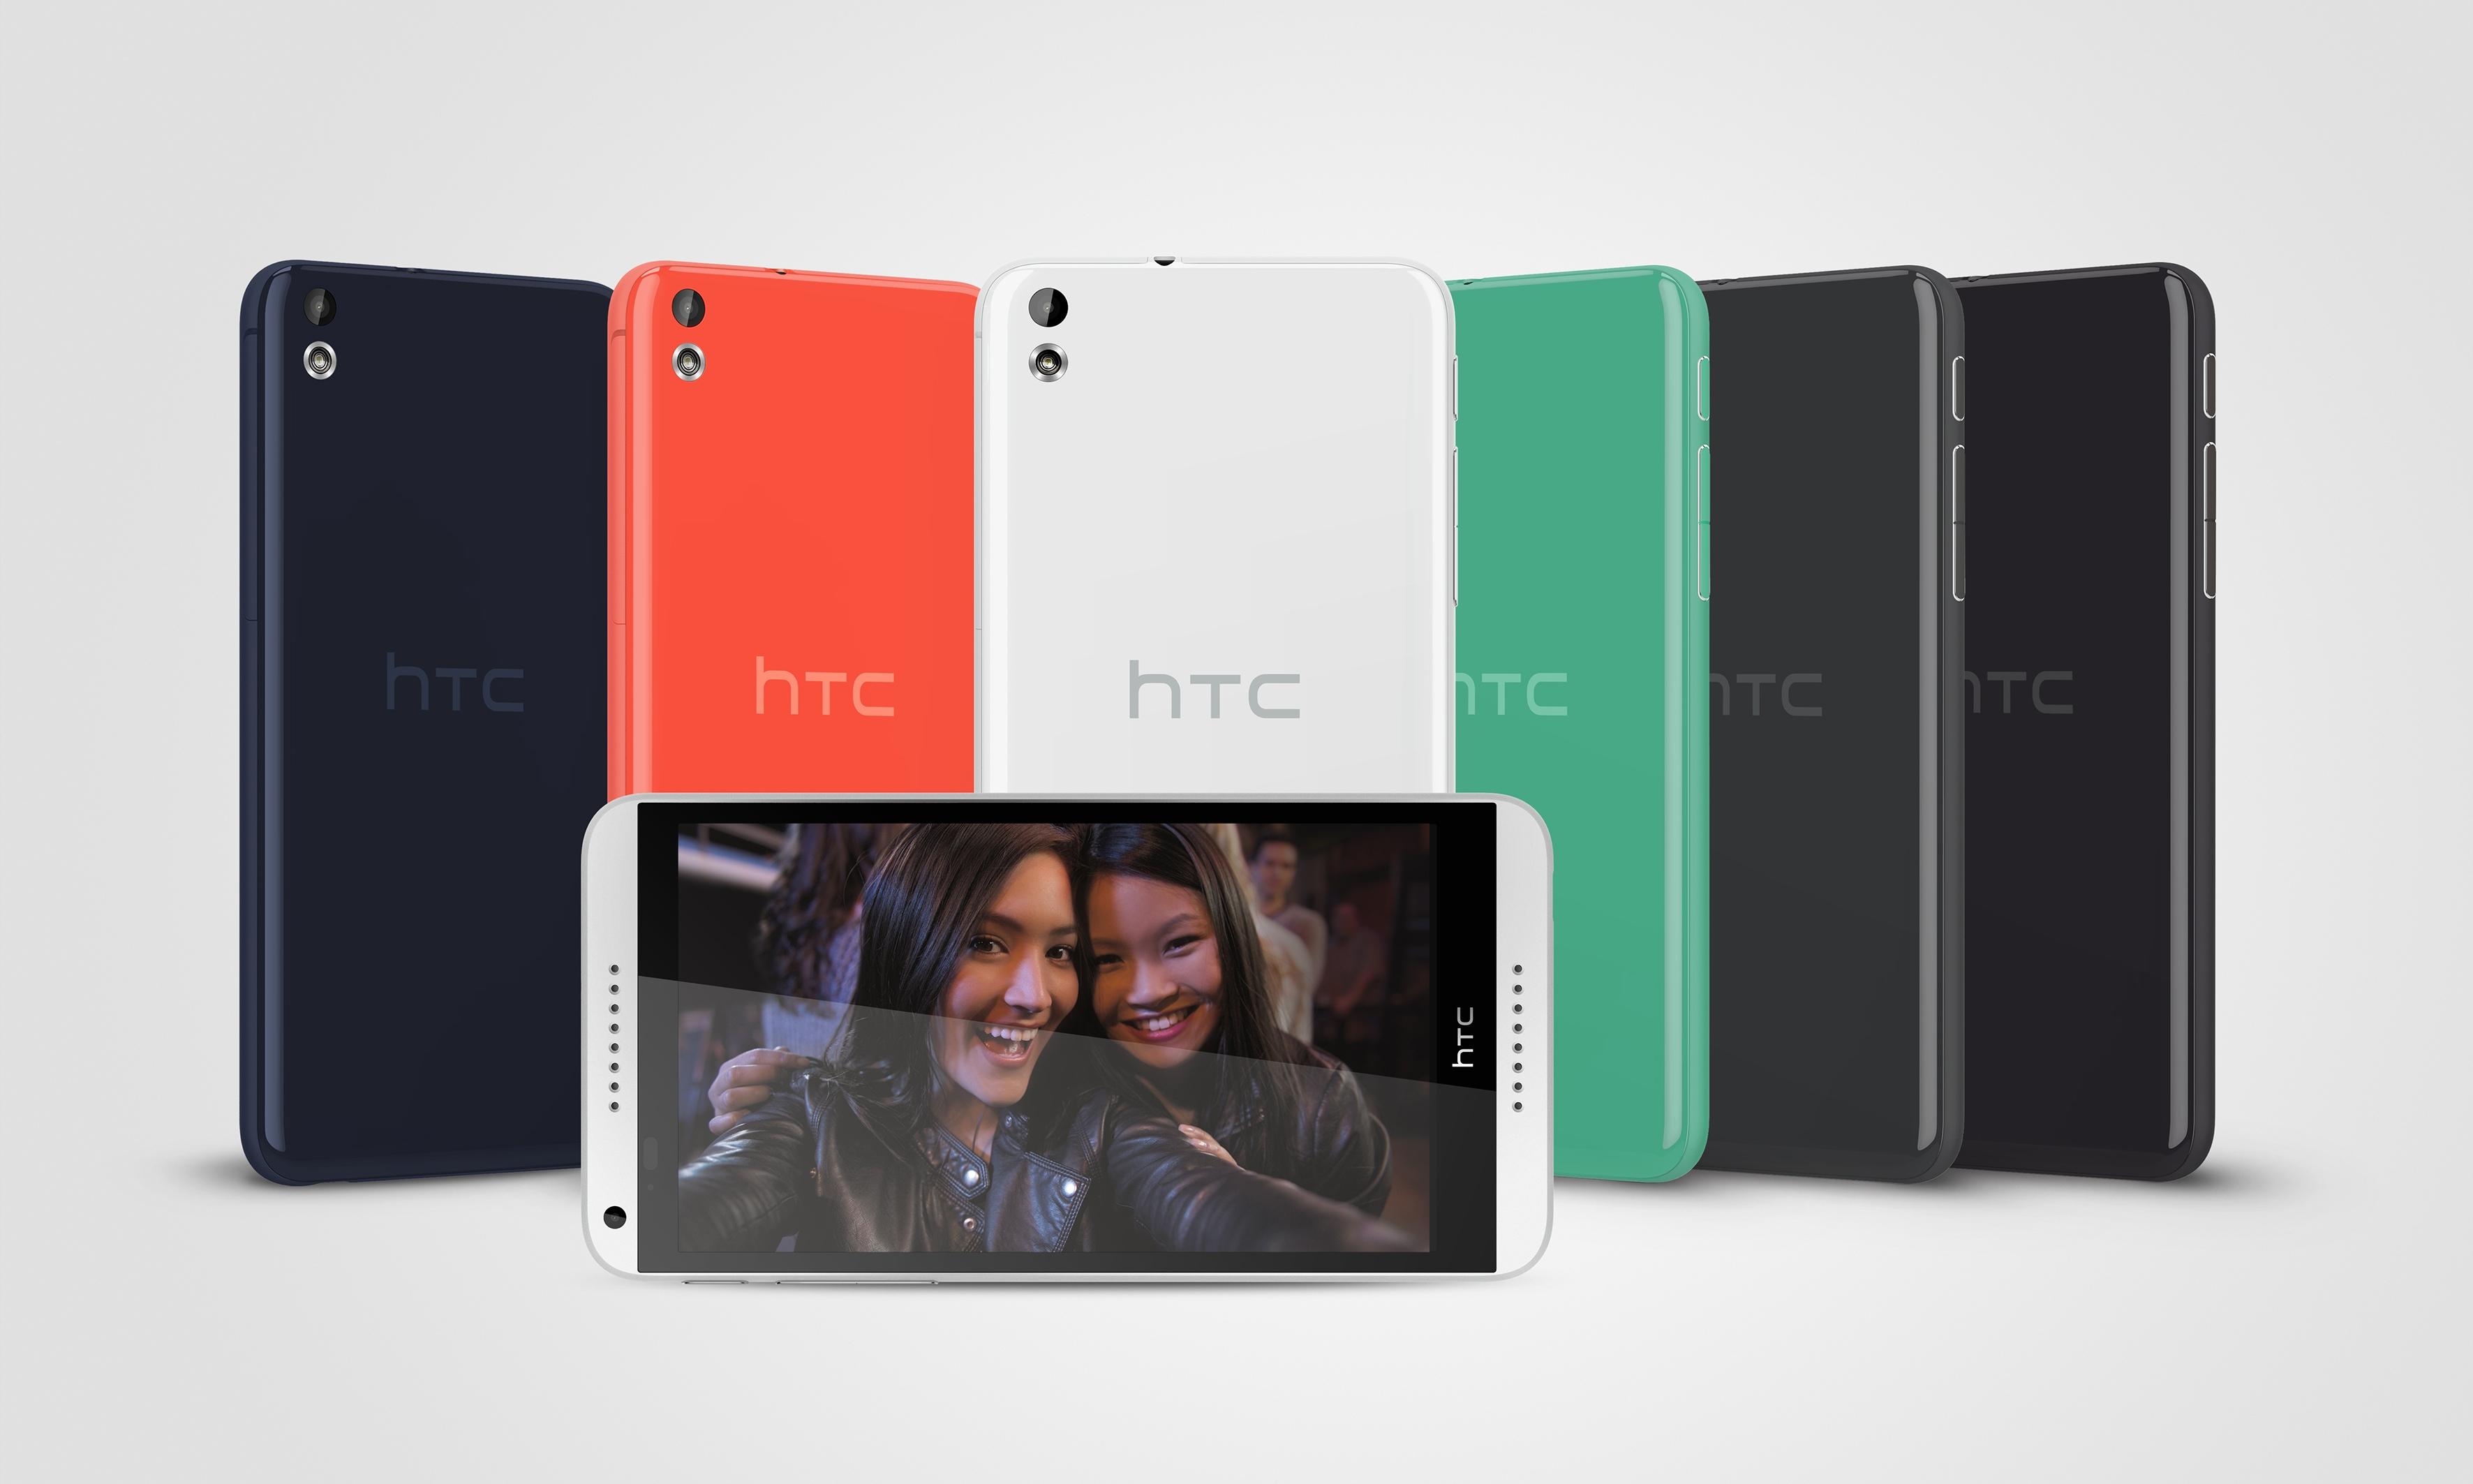 Չինաստանում HTC Desire 816 սմարթֆոնի ավելի քան 1 միլիոն պատվեր է գրանցվել